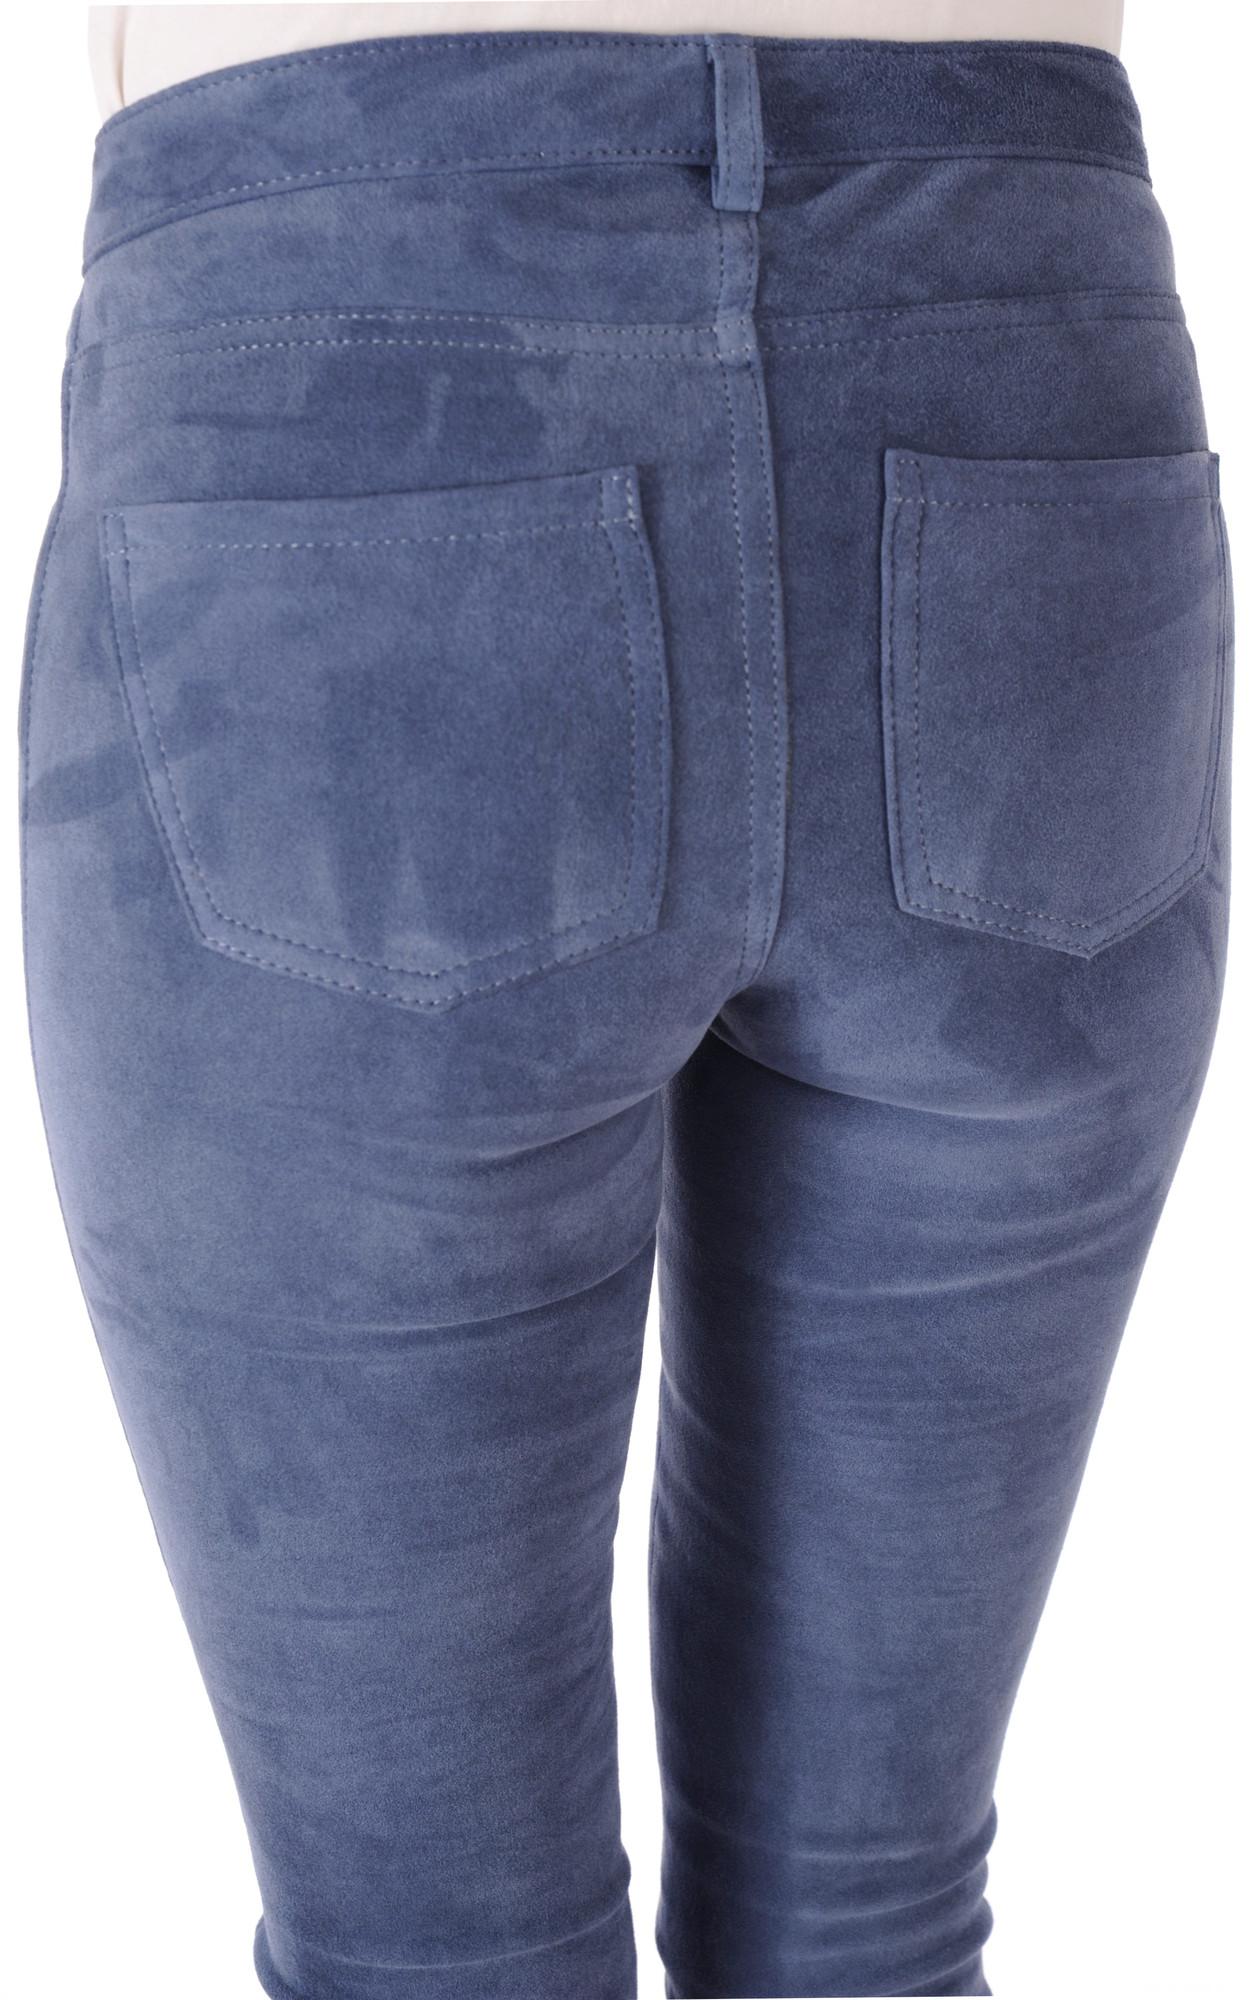 Pantalon Slim Aspect Daim Bleu